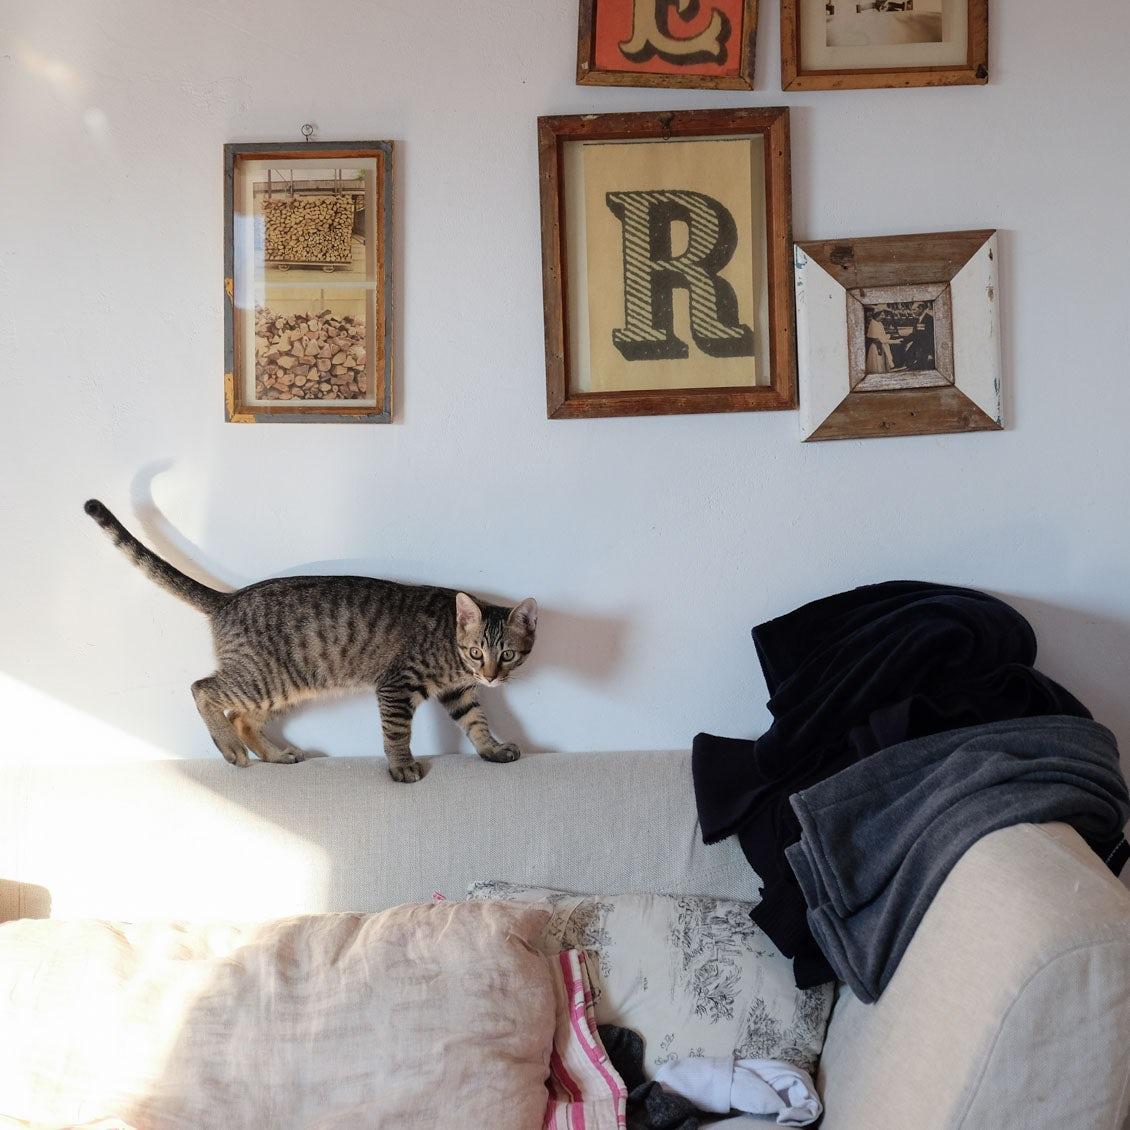 【うちのイヌ、うちのネコ】猫との暮らしを再スタート。「オルネ・ド・フォイユ」店主・谷あきらさんと元気な子猫2匹